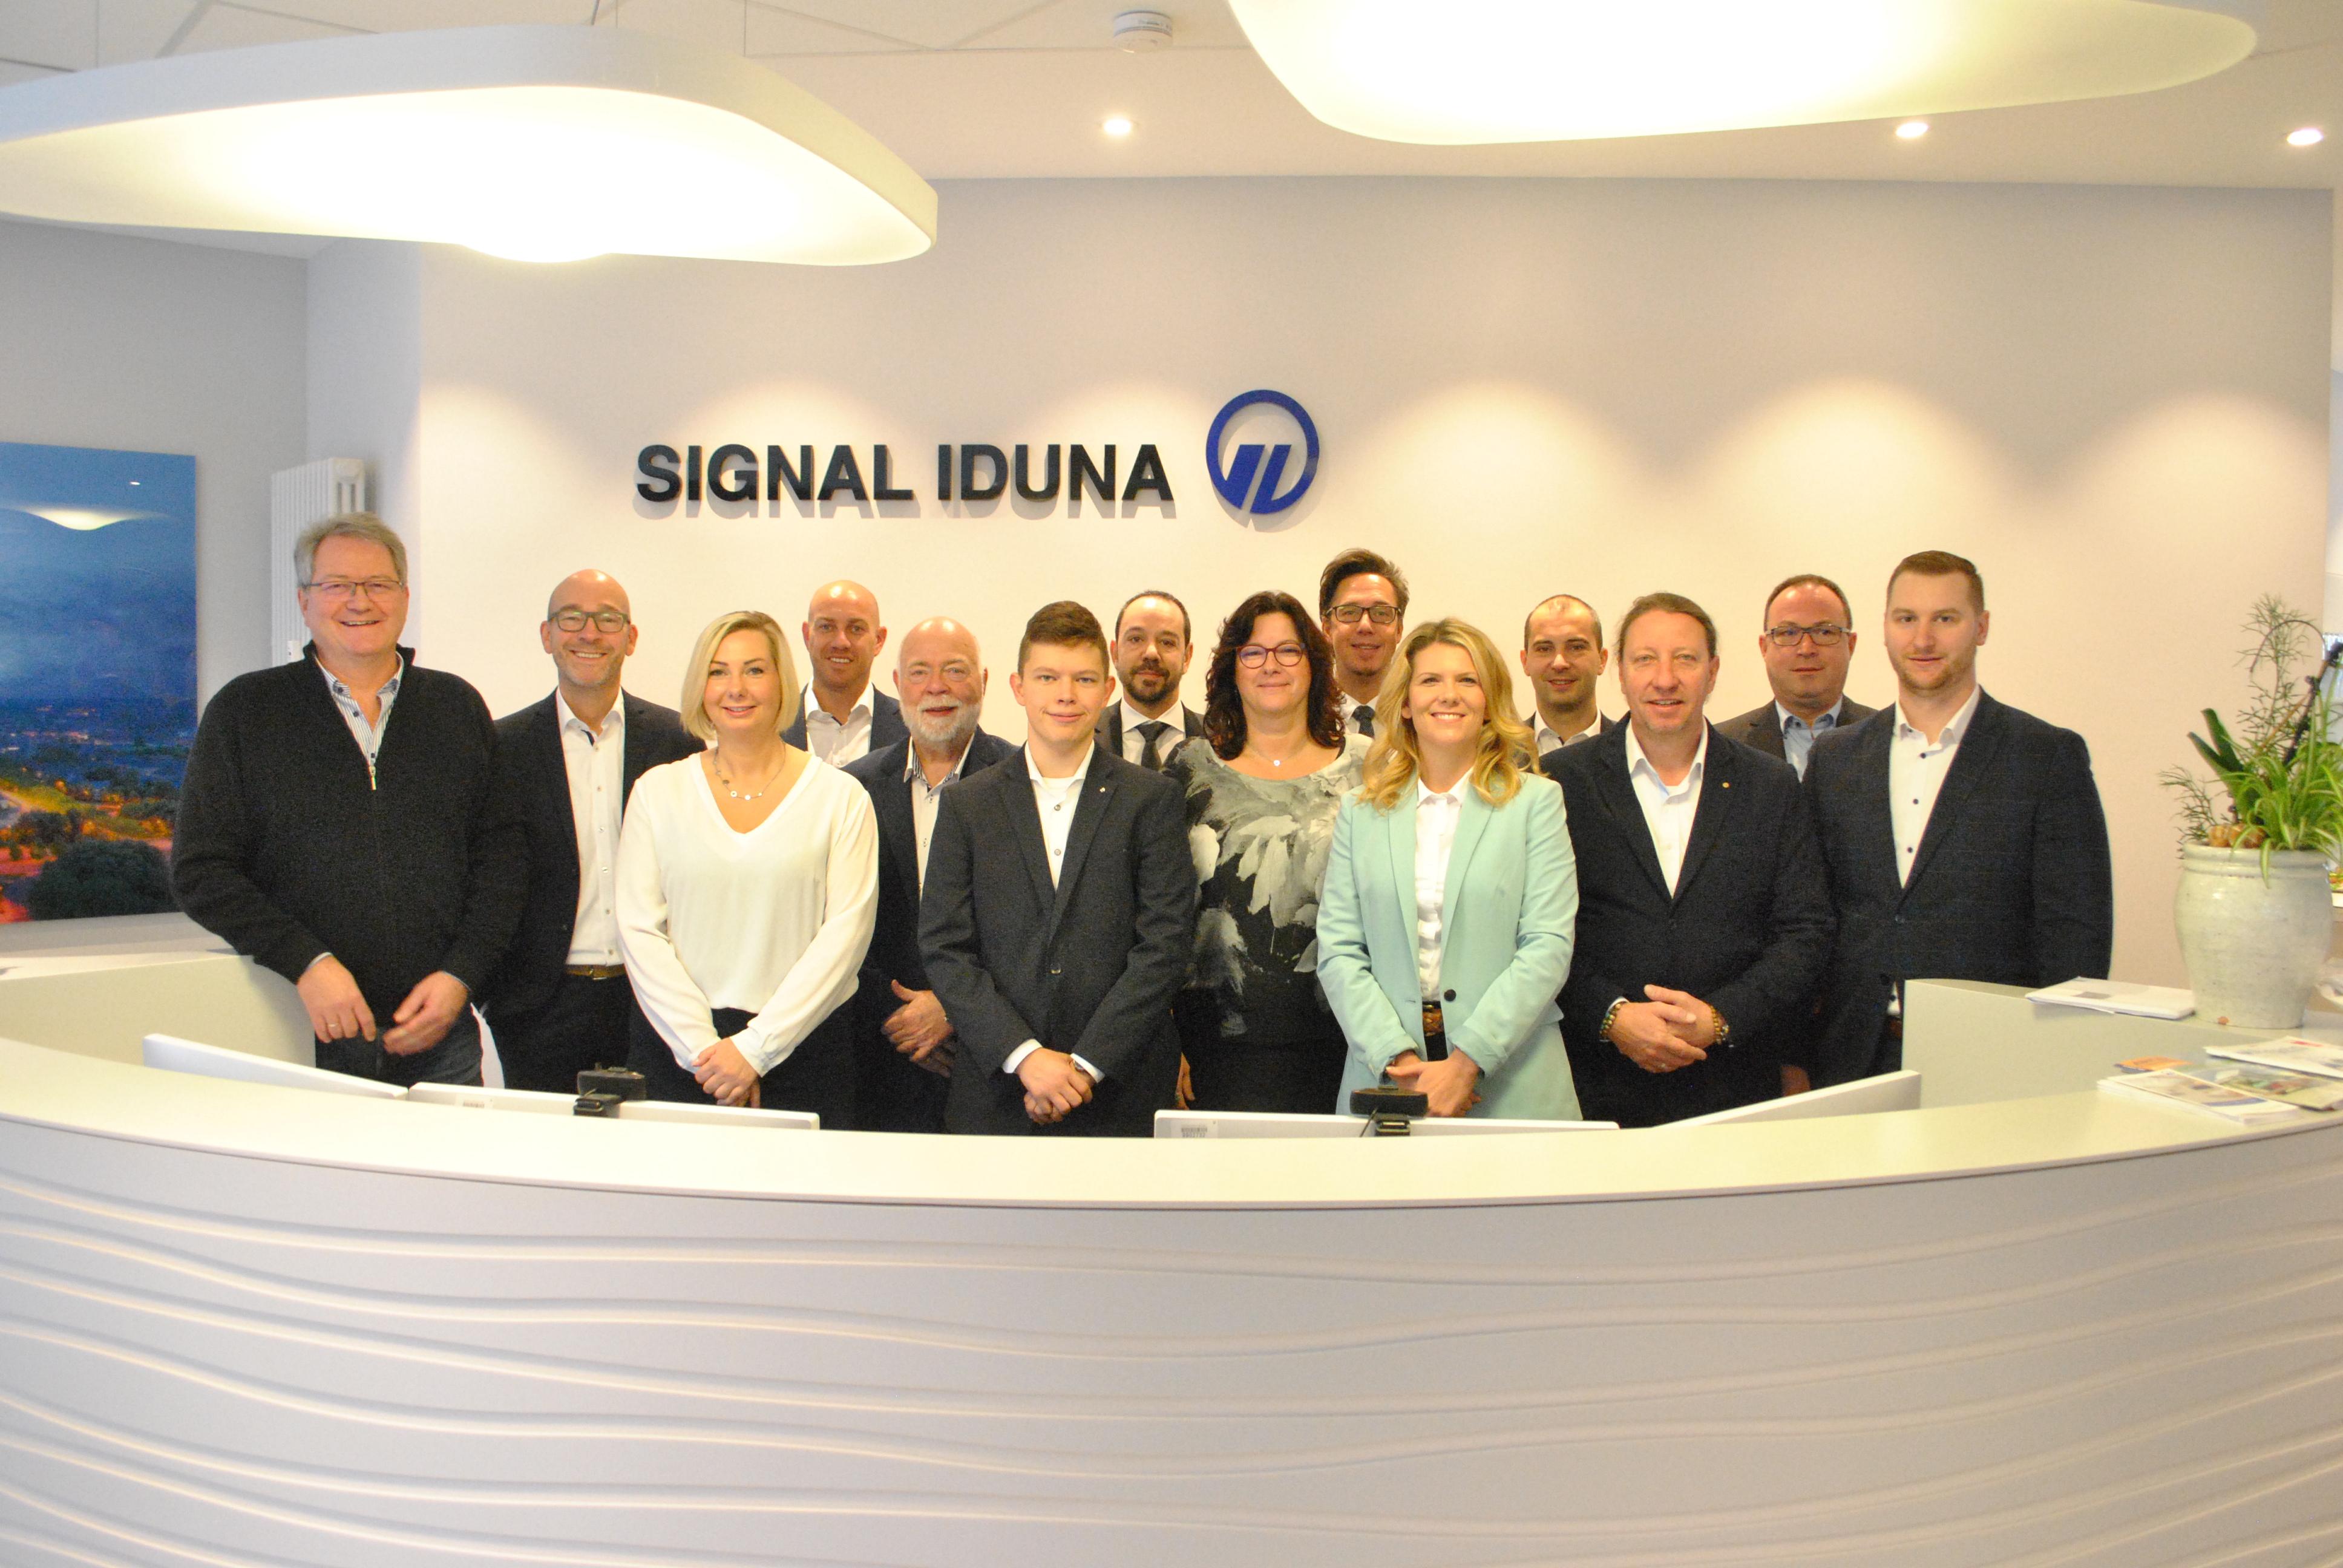 SIGNAL IDUNA Geschäftsstelle Neuss, Am Konvent  6-10 in Neuss